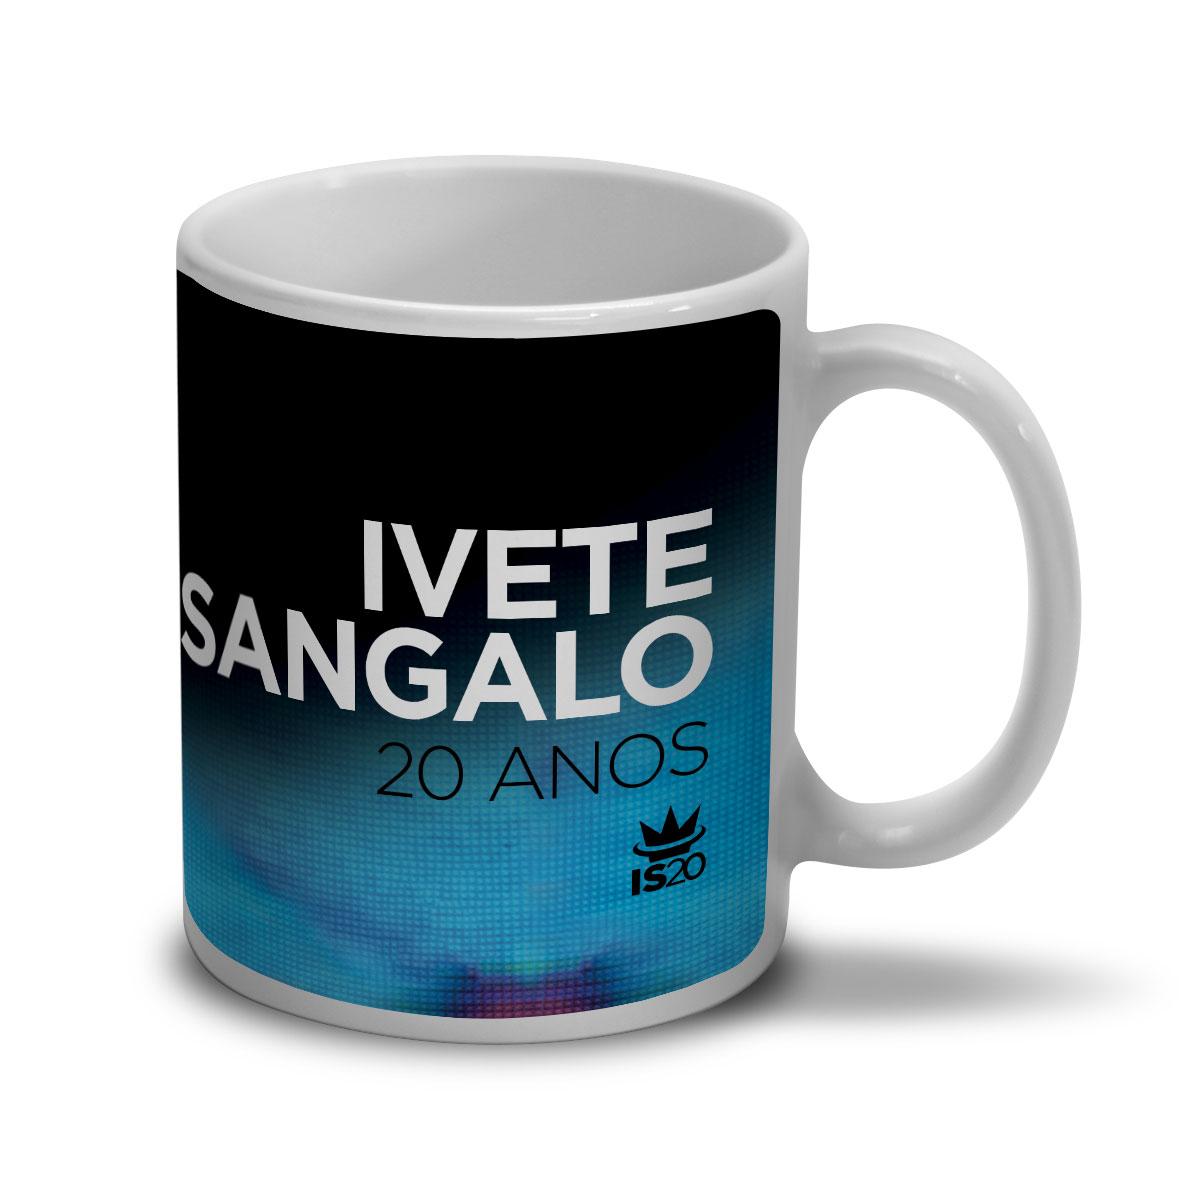 Caneca Ivete Sangalo Capa 20 Anos